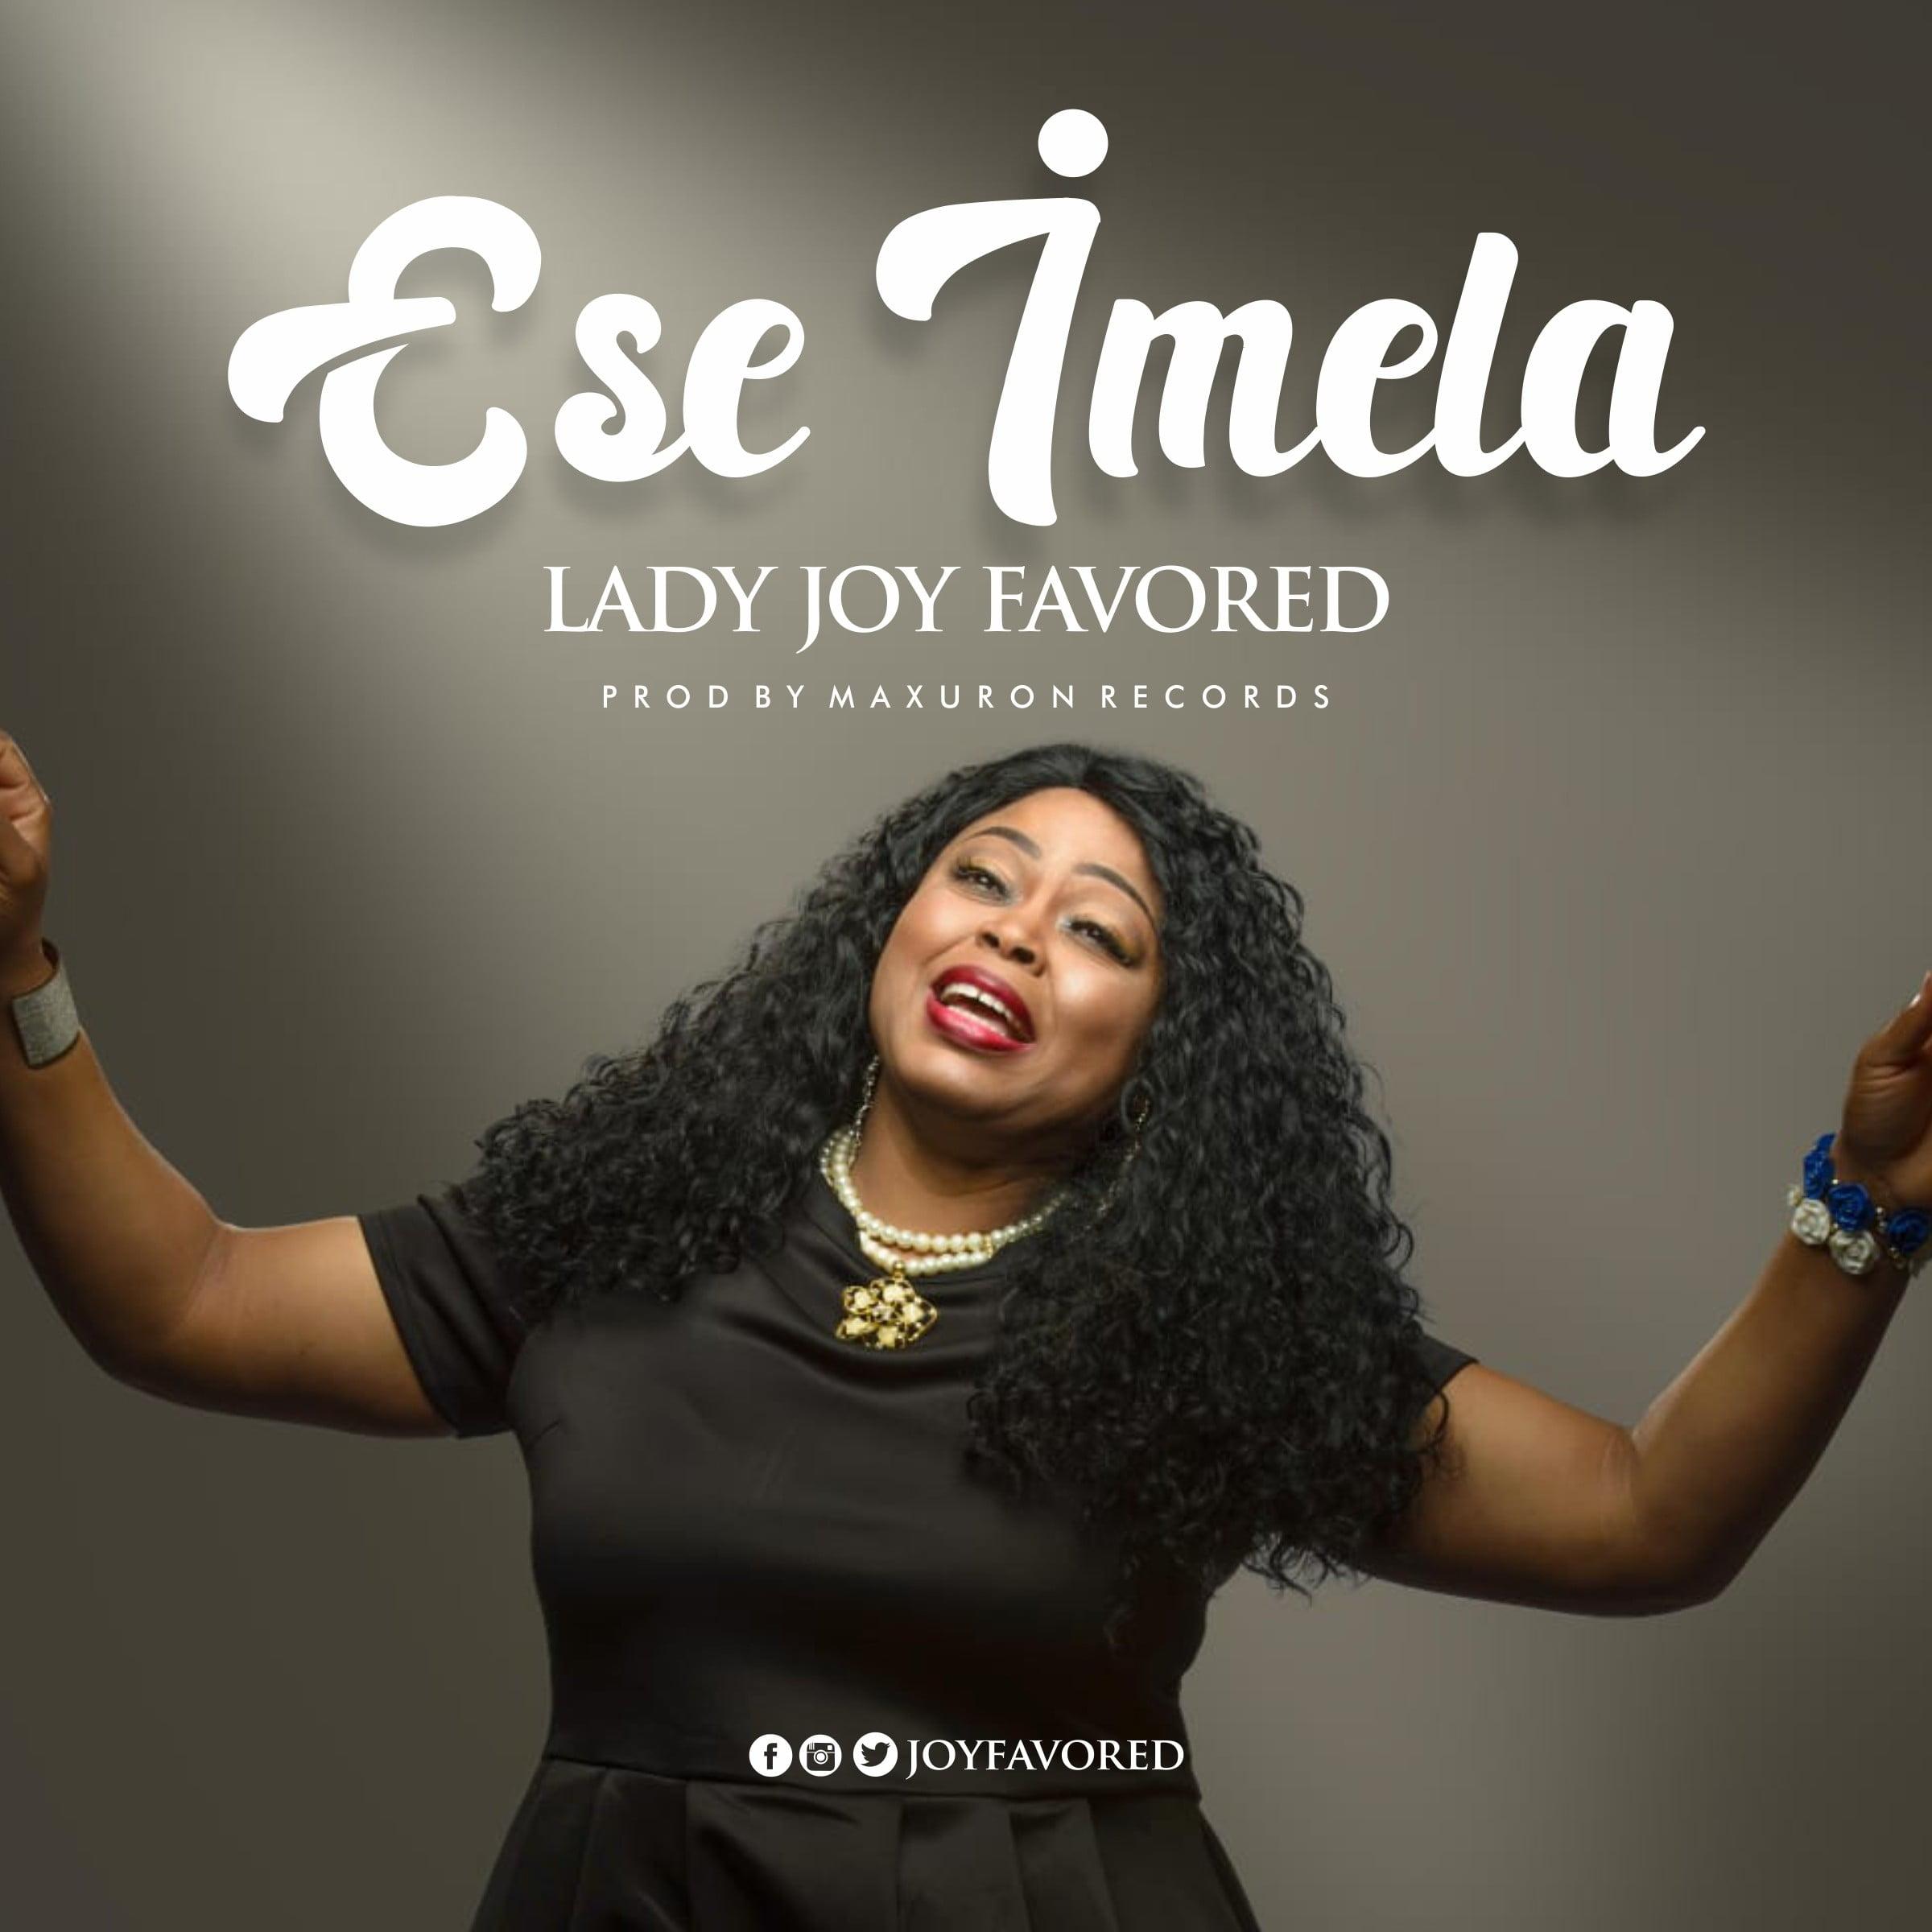 Ese Imela - Lady Joy Favored